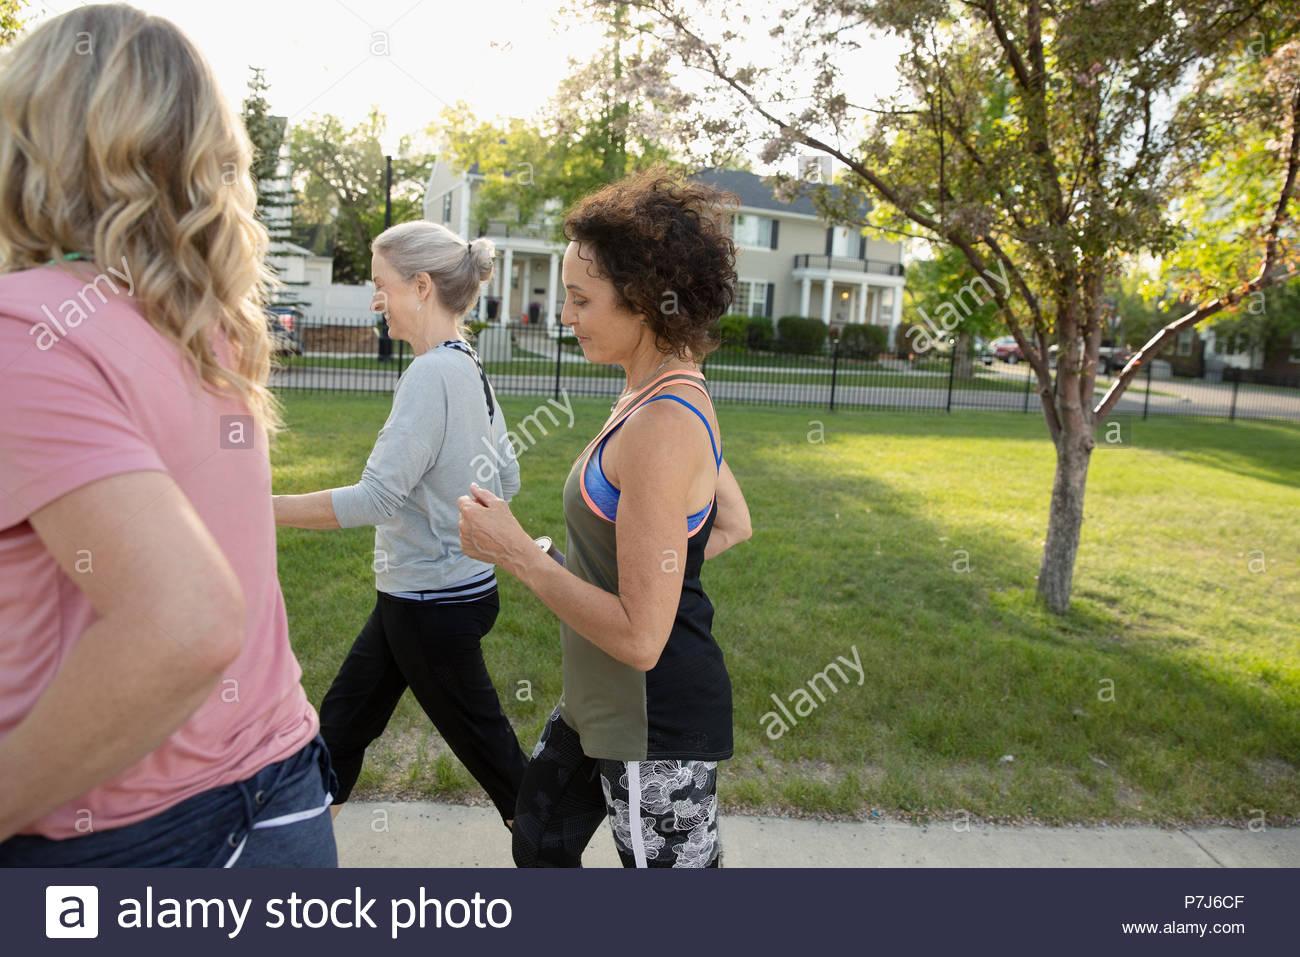 Las mujeres ancianas caminar, hacer ejercicio en el parque Imagen De Stock